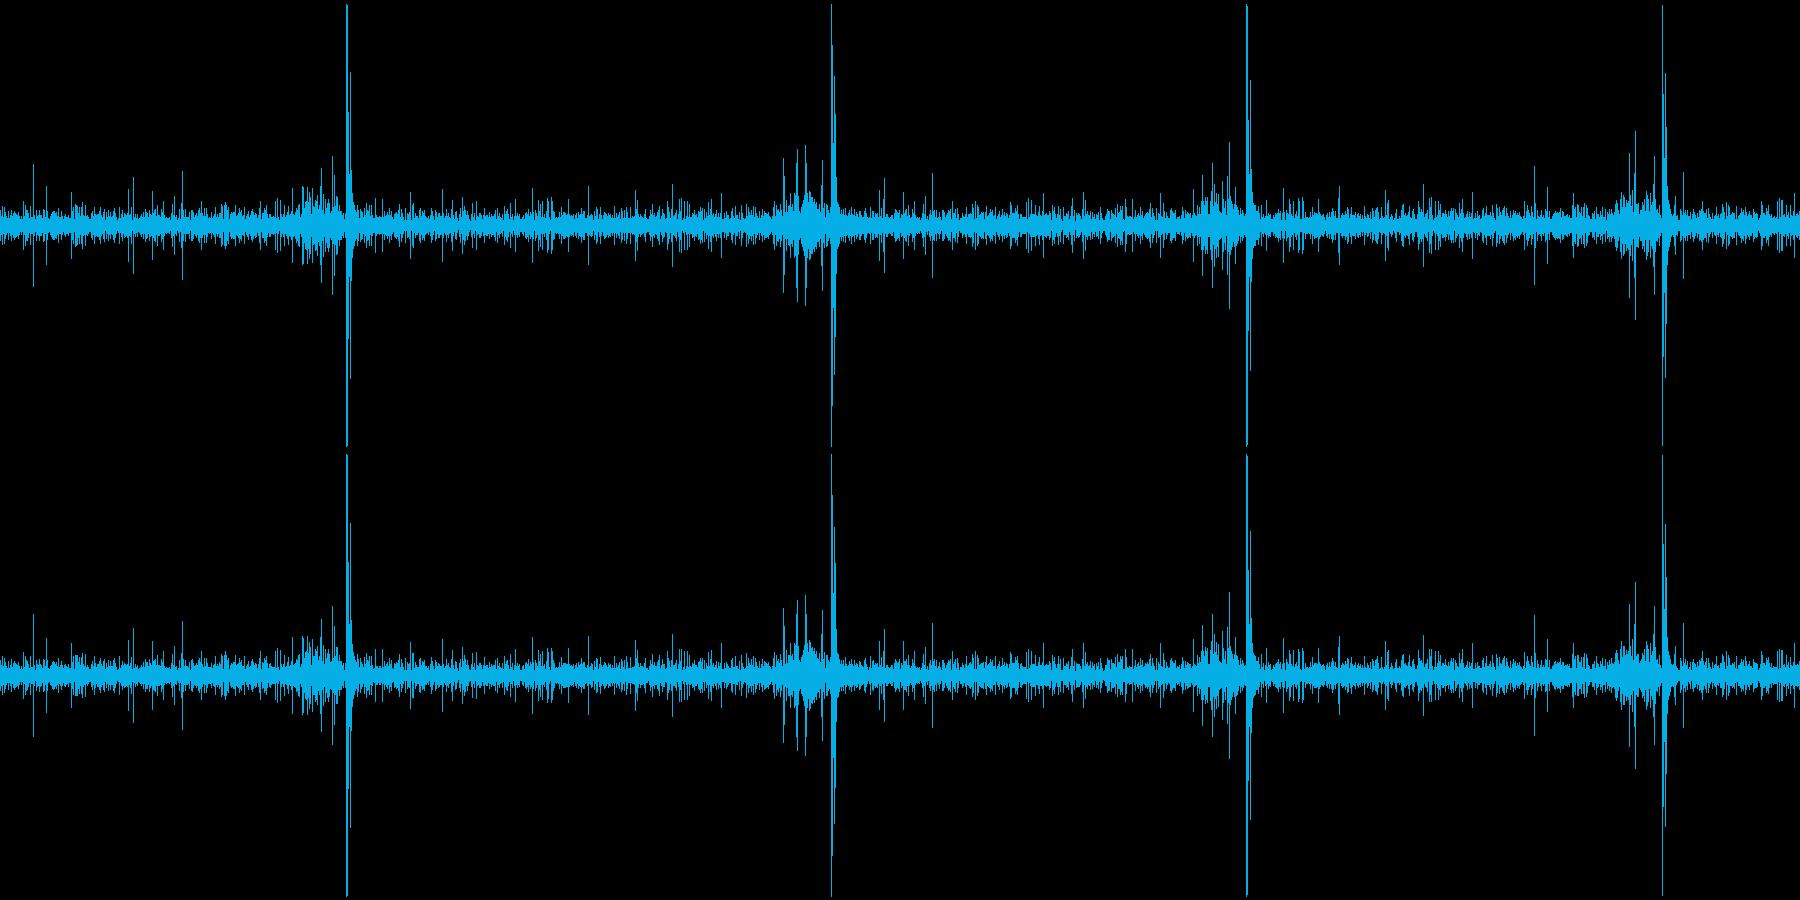 水流とししおどしの環境音(ループ)の再生済みの波形